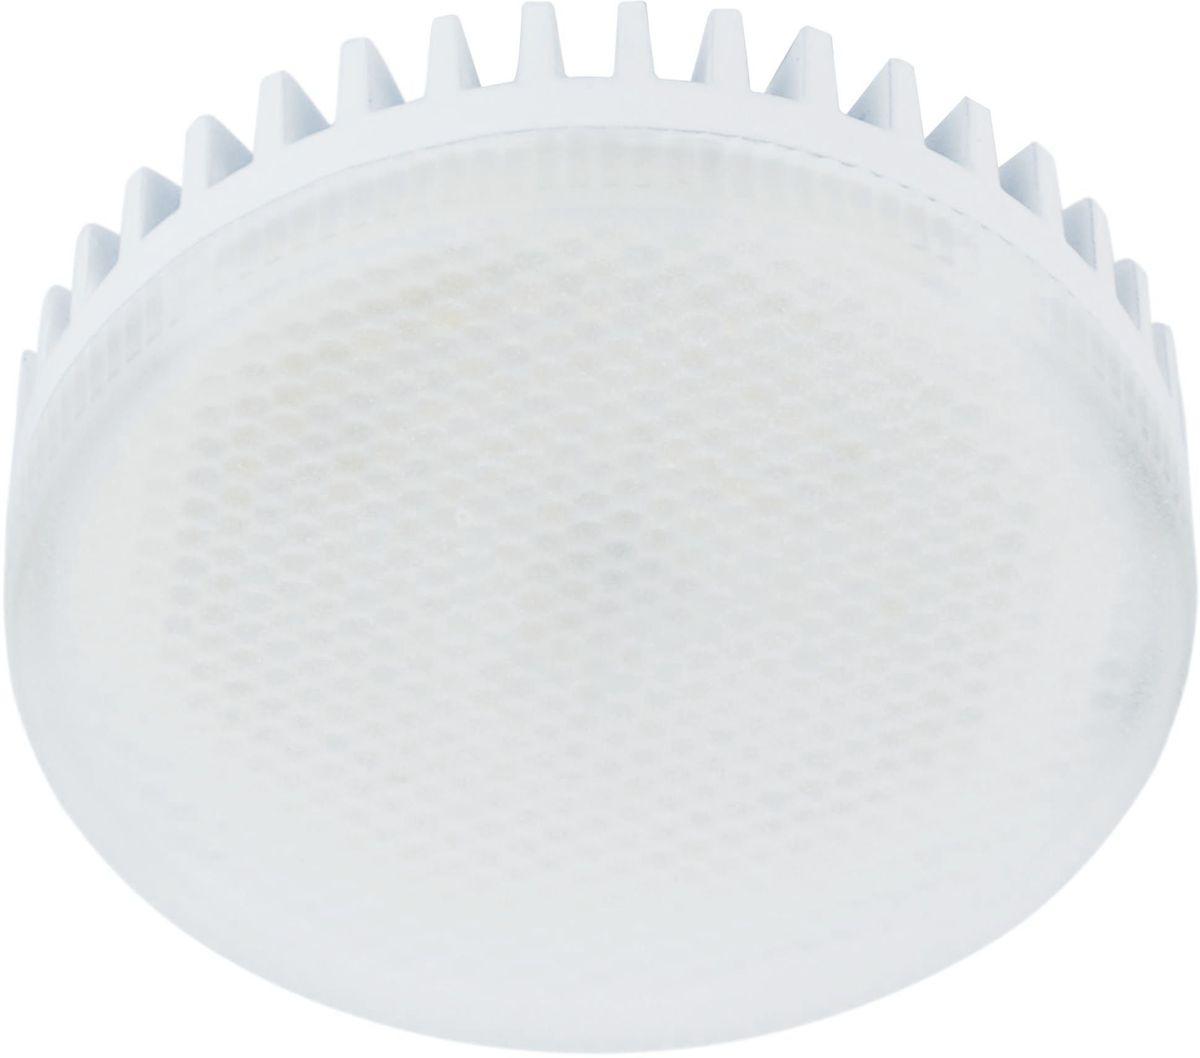 Лампа светодиодная REV, холодный свет, цоколь GX53, 10W. 32568 0C0044702Энергосберегающая светодиодная лампа REV используется как в бытовых осветительных приборах, так и для освещения общественных и служебных помещений. Потребляемая мощность энергосберегающих ламп в 5-10 раз ниже, чем у обычных ламп накаливания при той же интенсивности свечения. Энергосберегающая светодиодная лампа в форме шайба холодного свечения. Интенсивность свечения аналогична обычной лампе накаливания мощностью 100 Вт. Срок службы 30 000 часов. Номинальное напряжение 220-240 В.